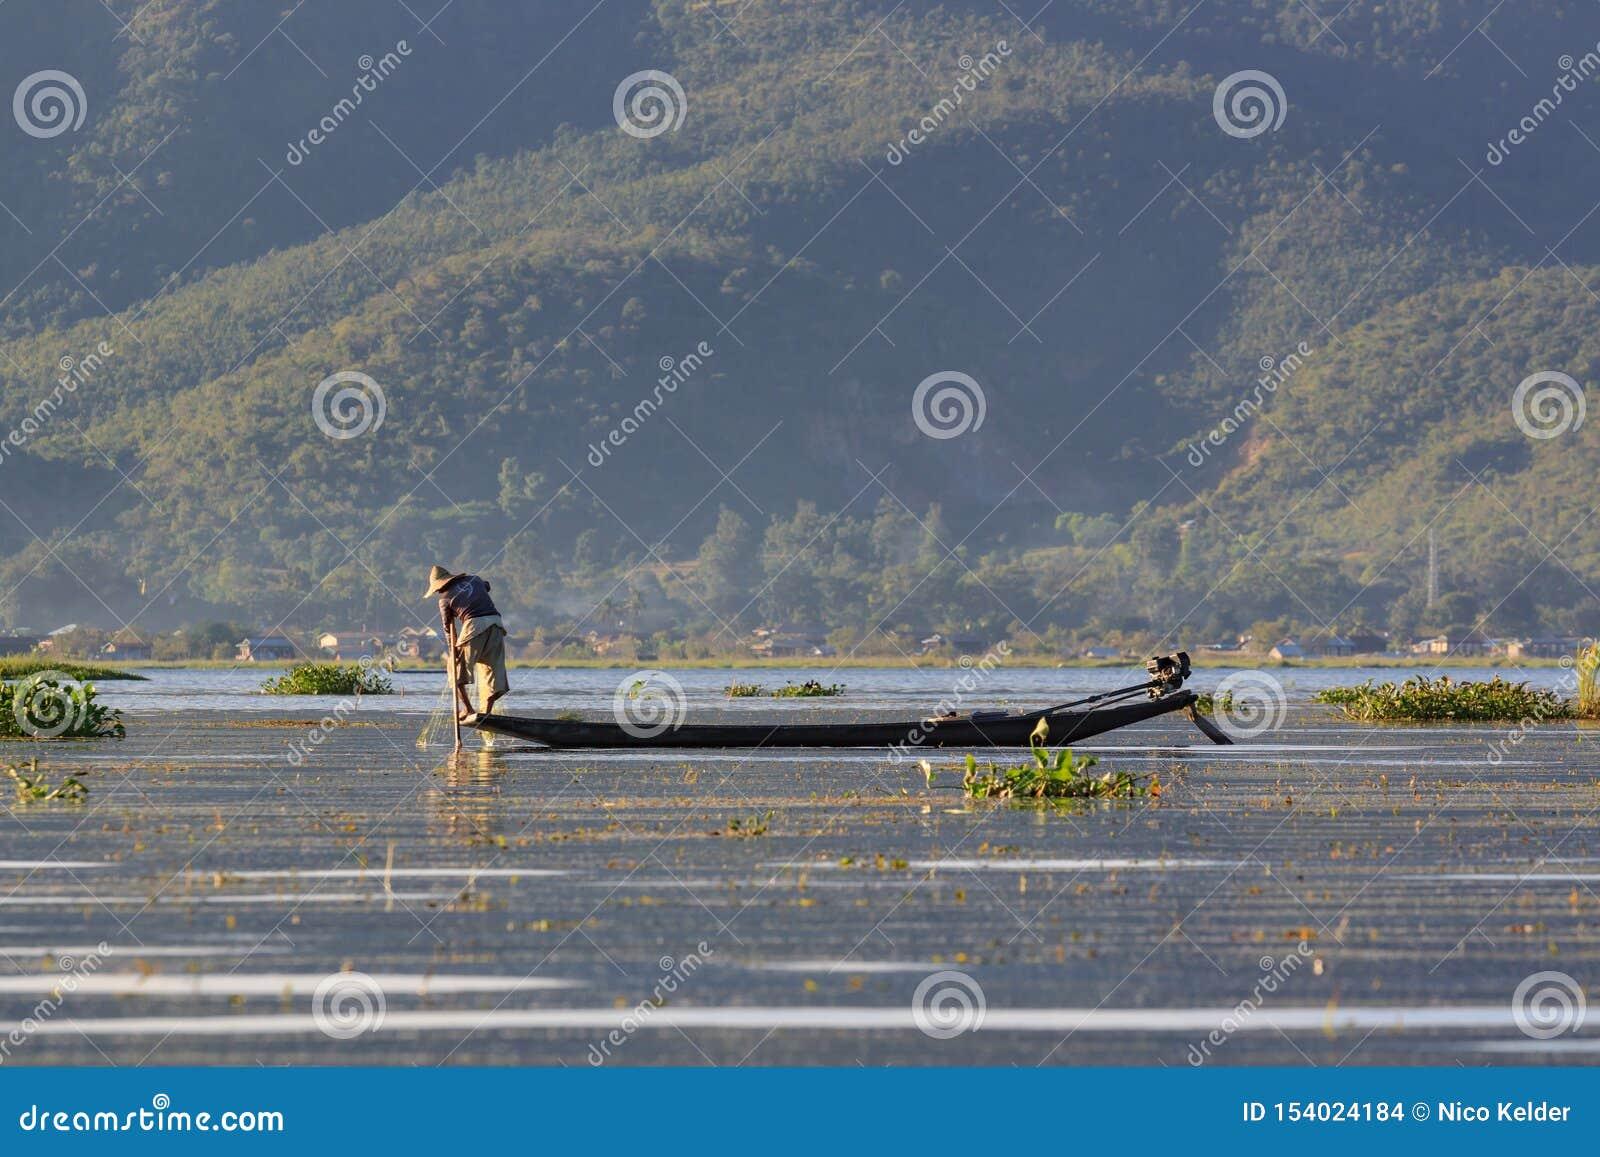 Lac Inle, Myanmar, le 20 novembre 2018 - pêcheurs authentiques travaillant vérifiant leurs filets sur les eaux du lac Inle